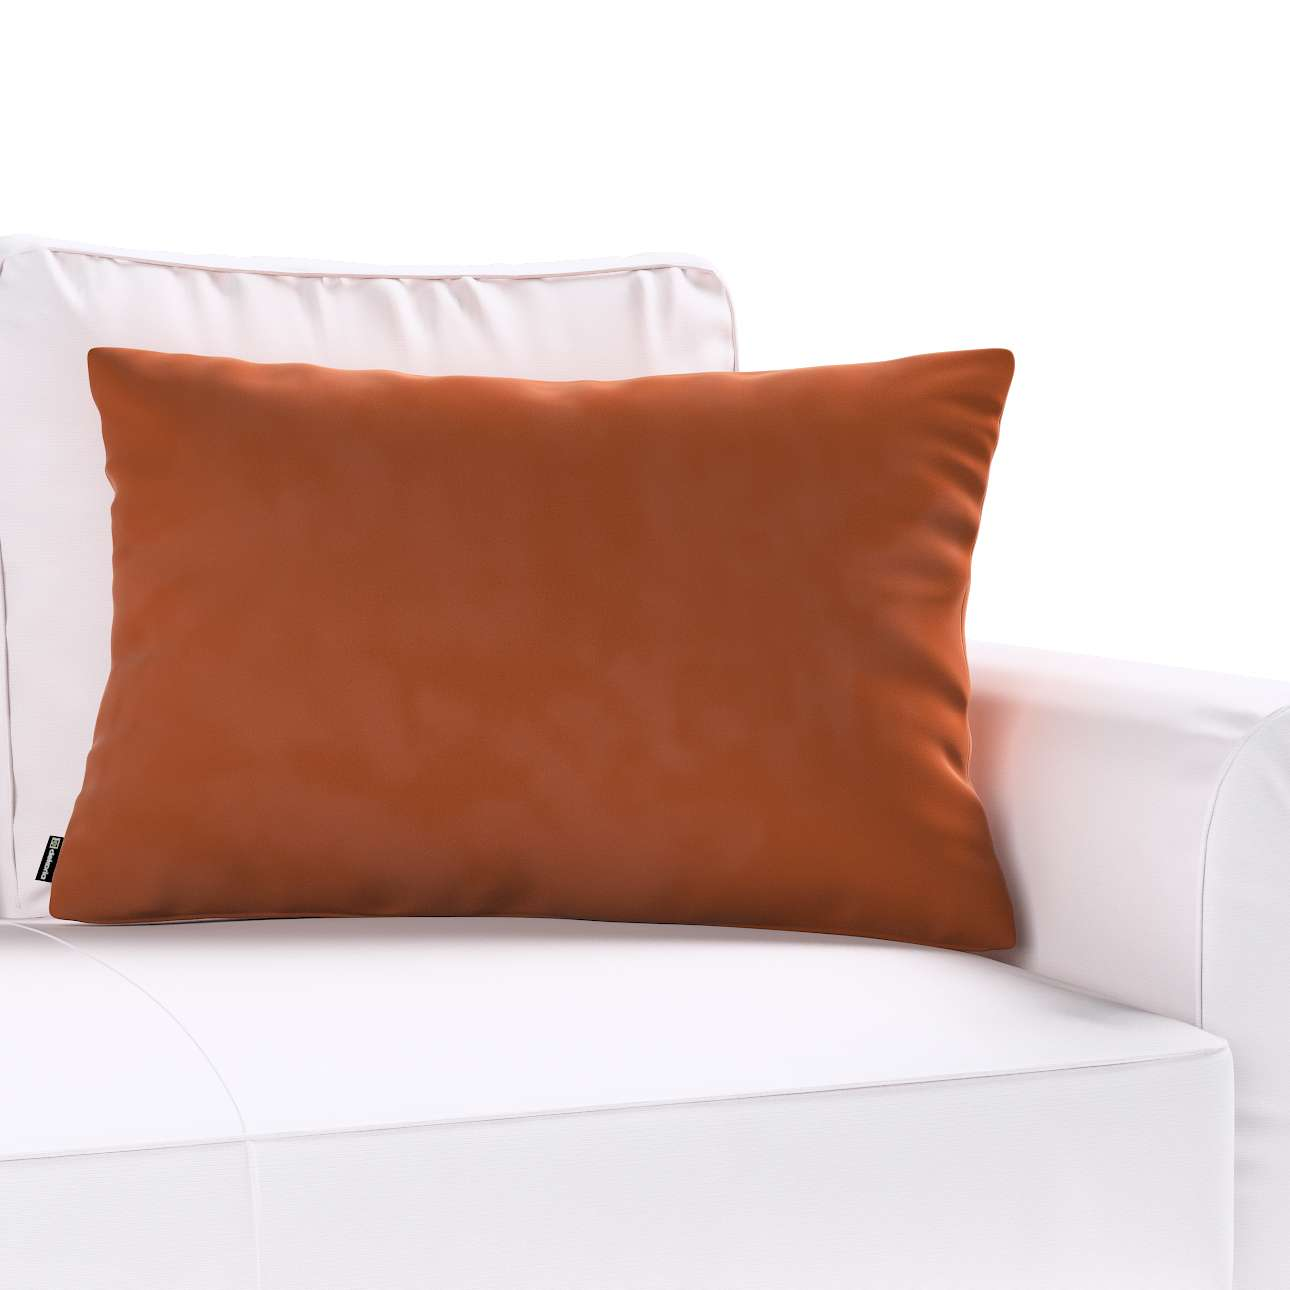 Poszewka Kinga na poduszkę prostokątną w kolekcji Velvet, tkanina: 704-33